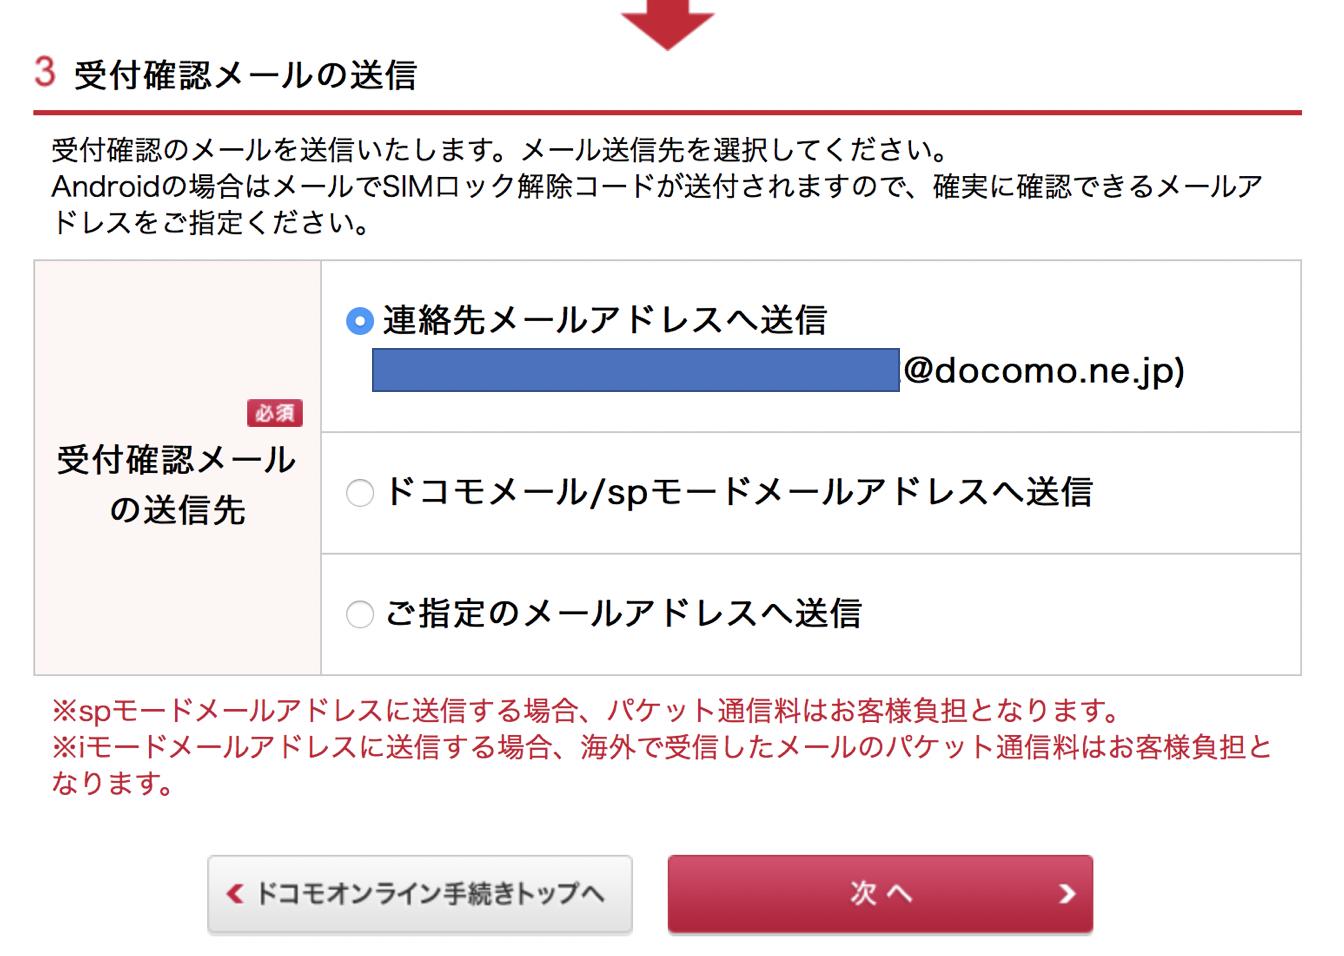 SIMロック解除方法③